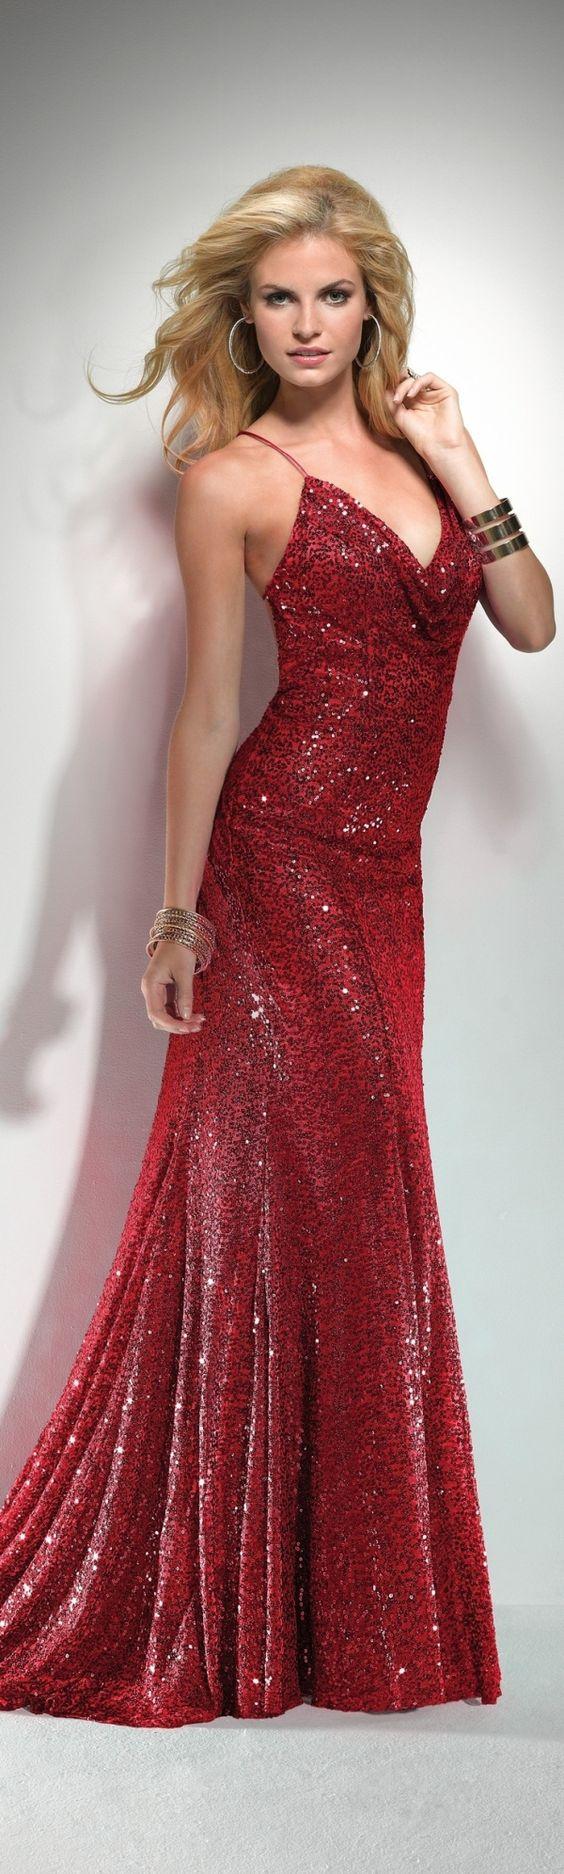 Flirt couture 2013/2014 by Janny Dangerous